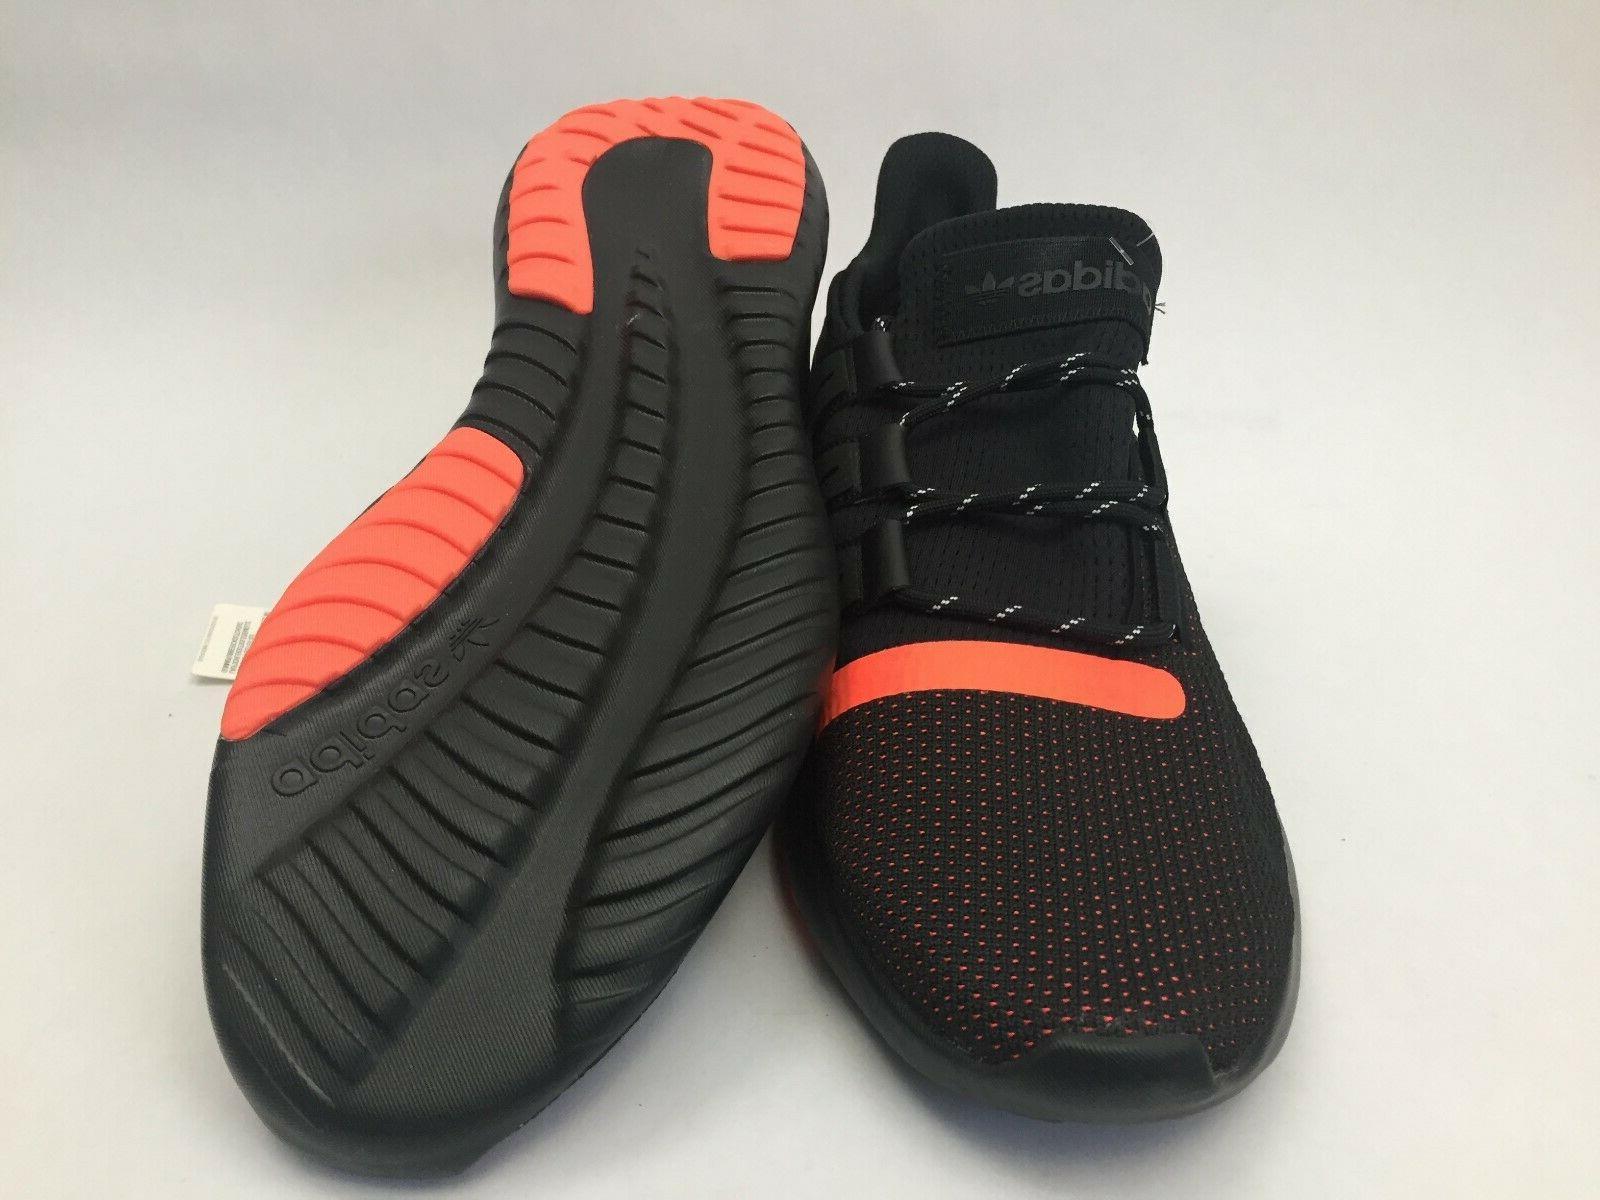 New Originals Dusk Shoes 12 Black Solar AQ1189